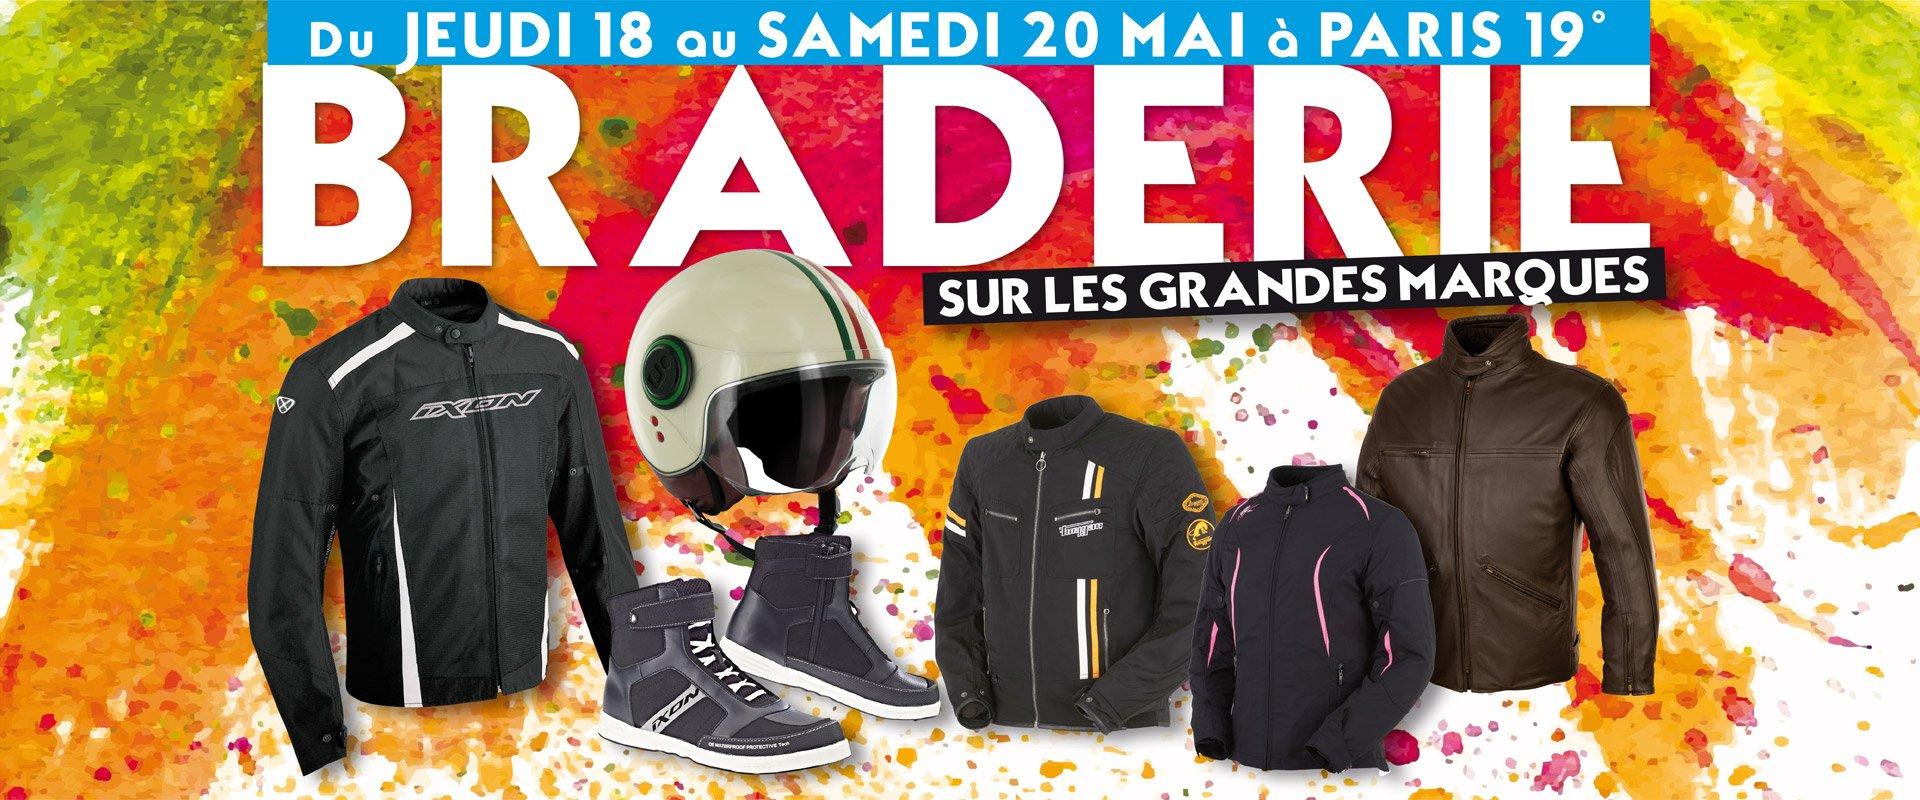 Braderie Cardy Paris 19